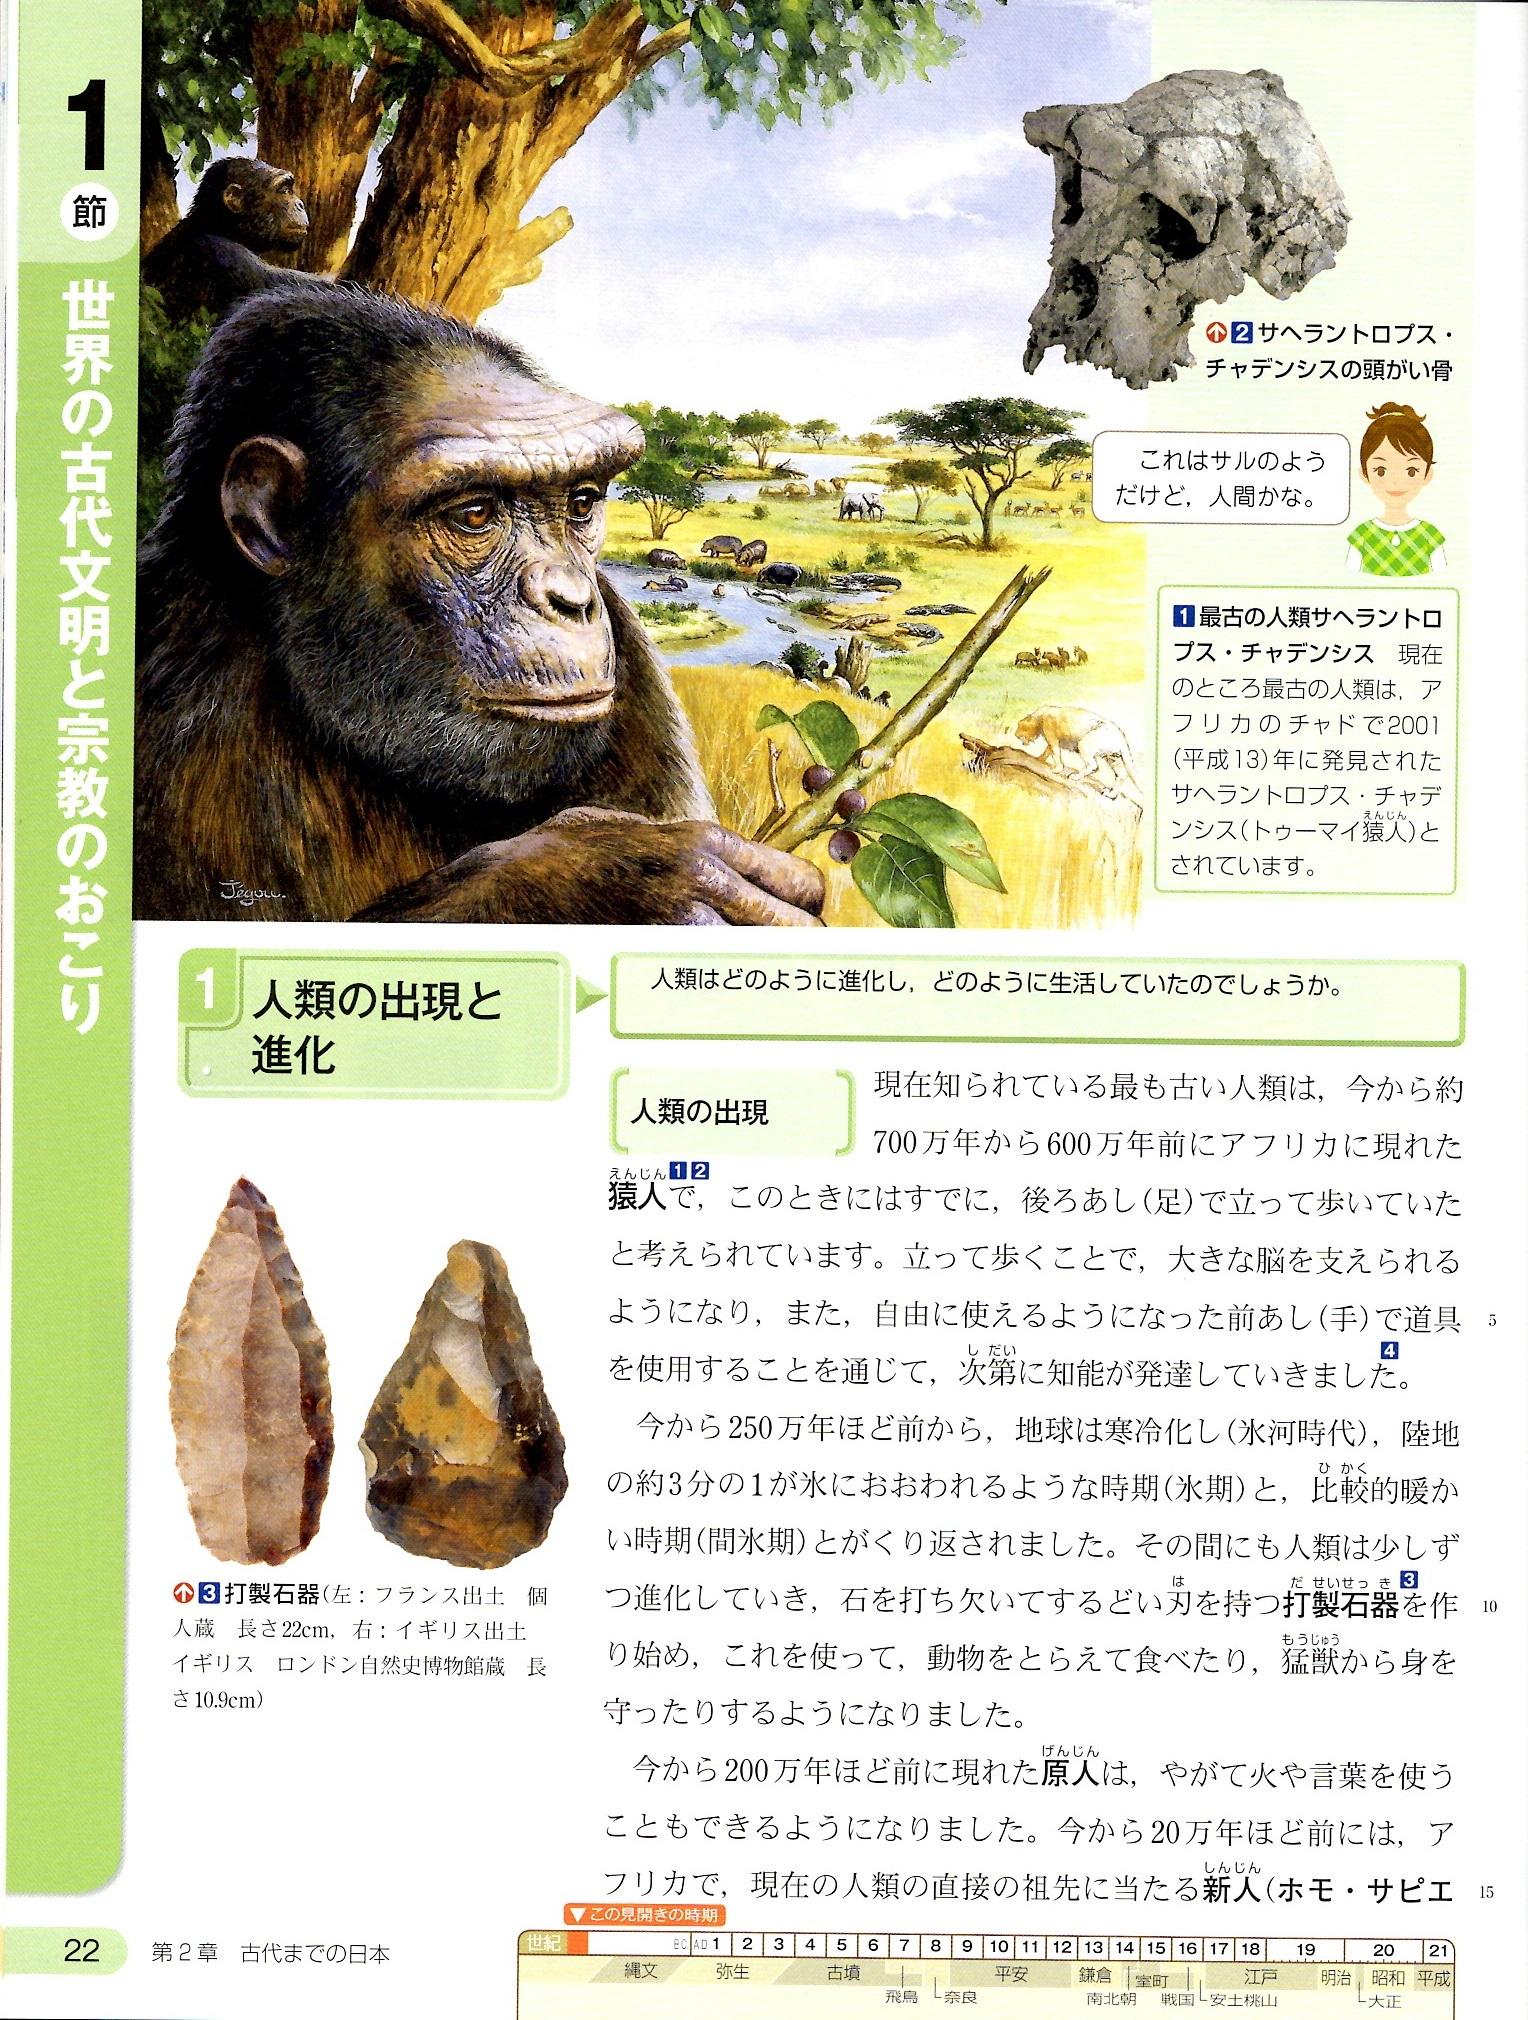 古代文明① 東京書籍